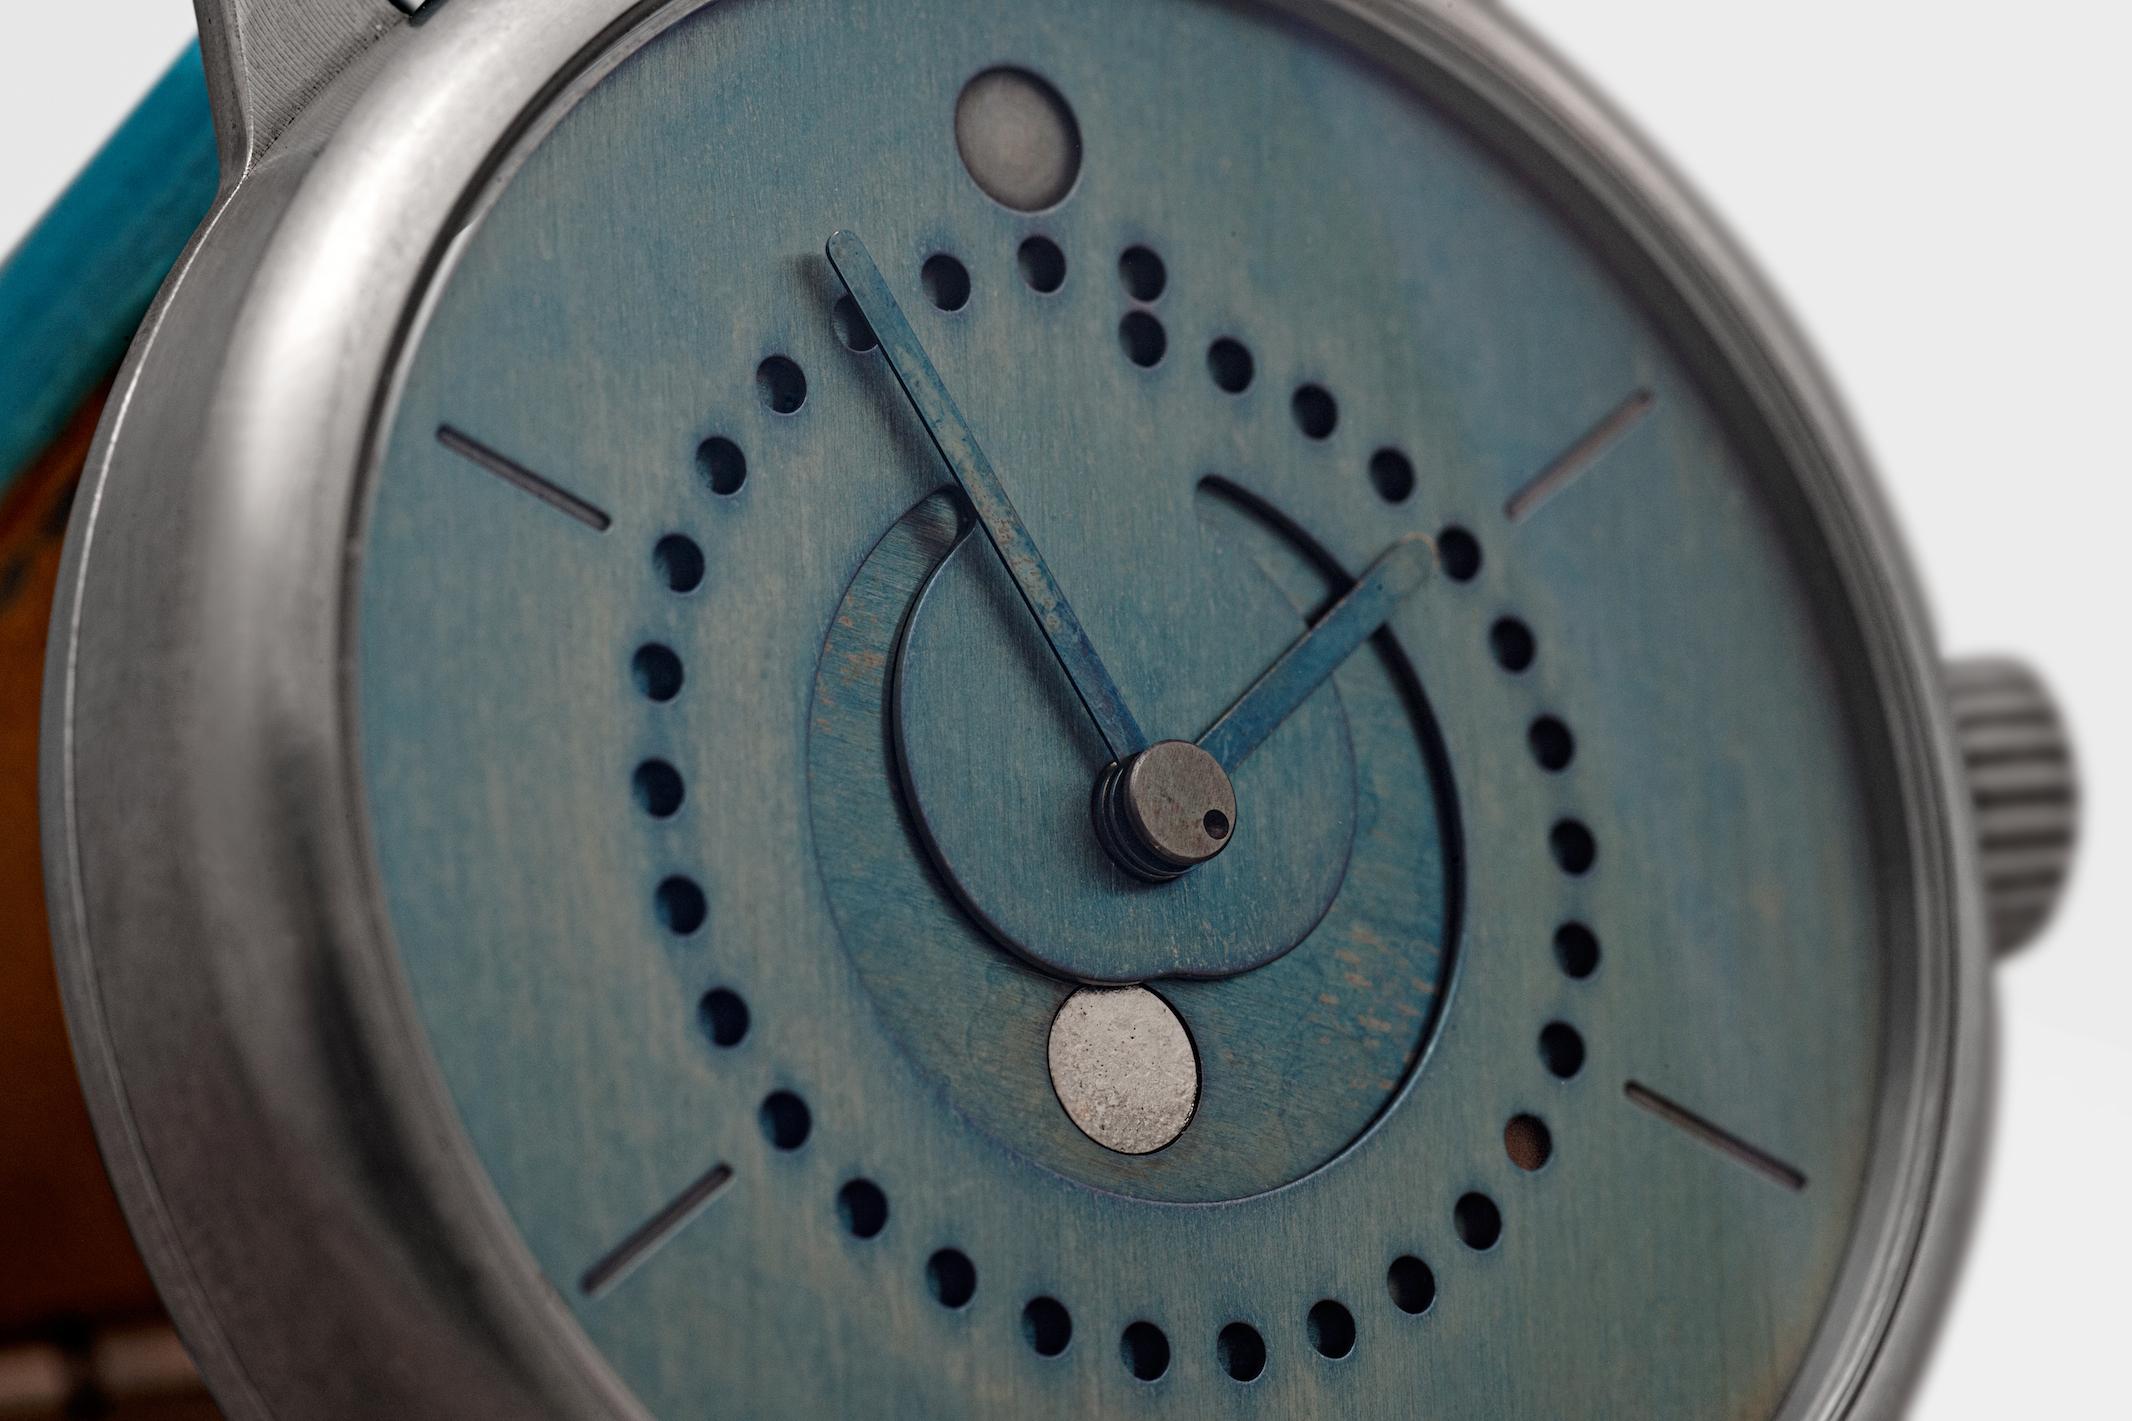 ochs und junior: Rigorously Simple Watches